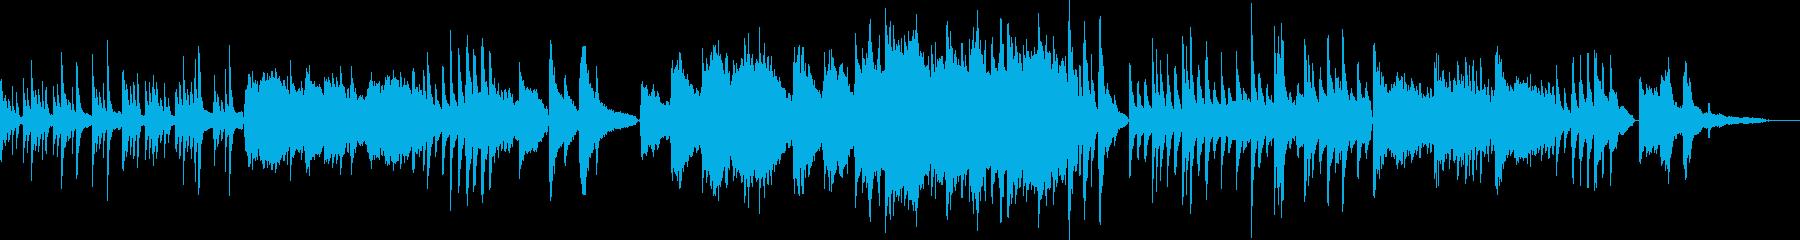 リラックス/オリエンタルなピアノバラードの再生済みの波形